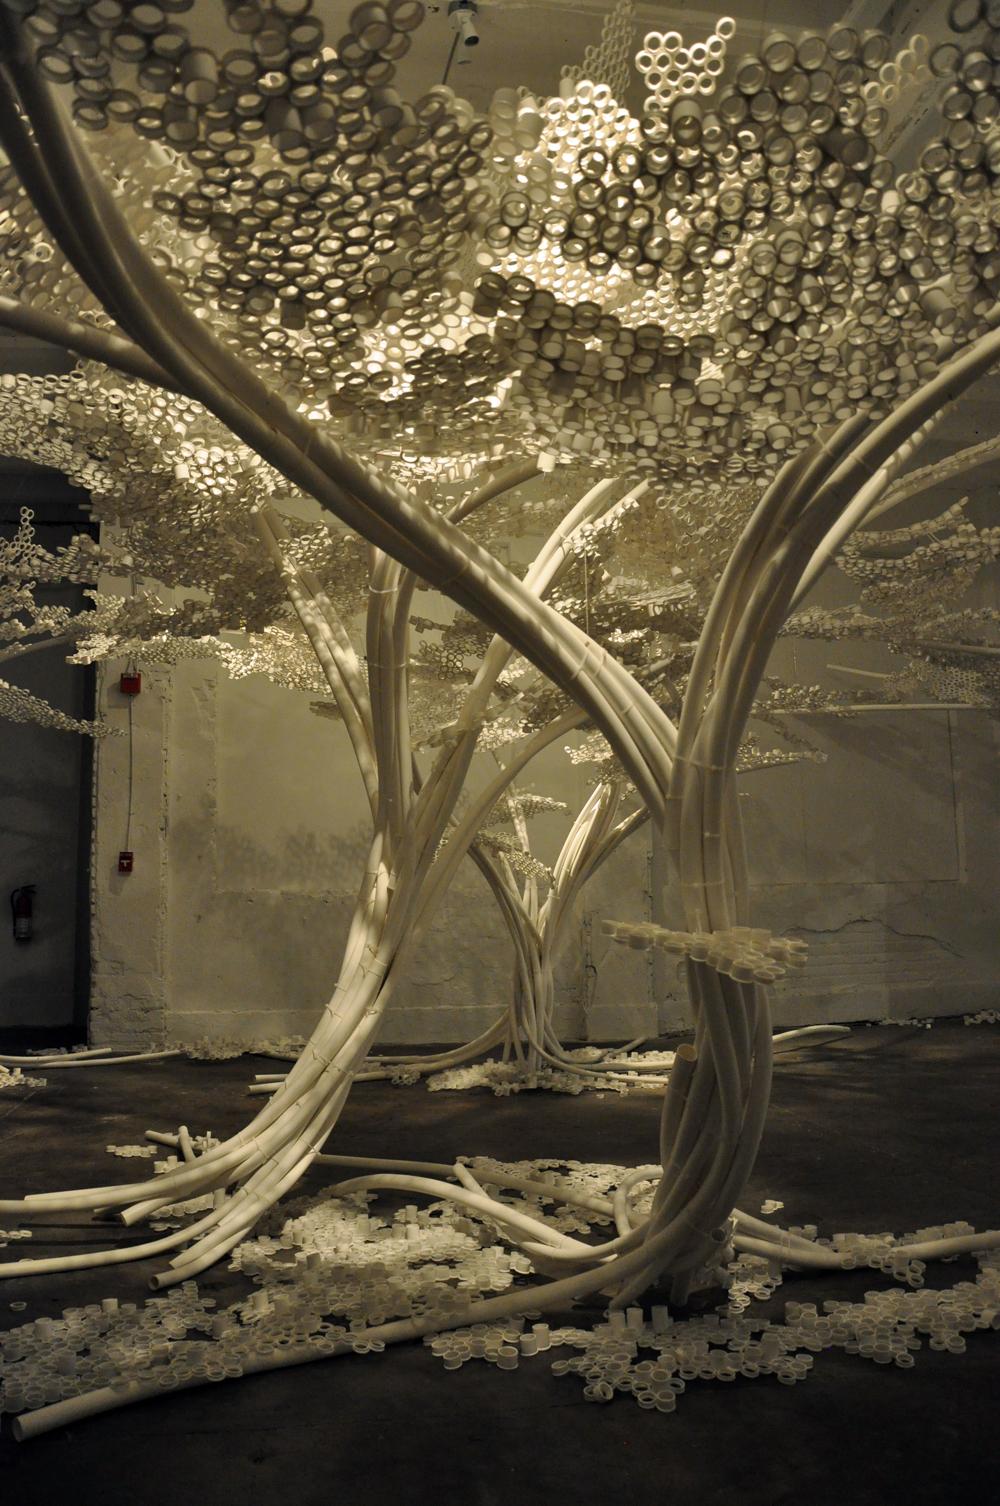 Tom Price PP Trees_Industry 0606.jpg